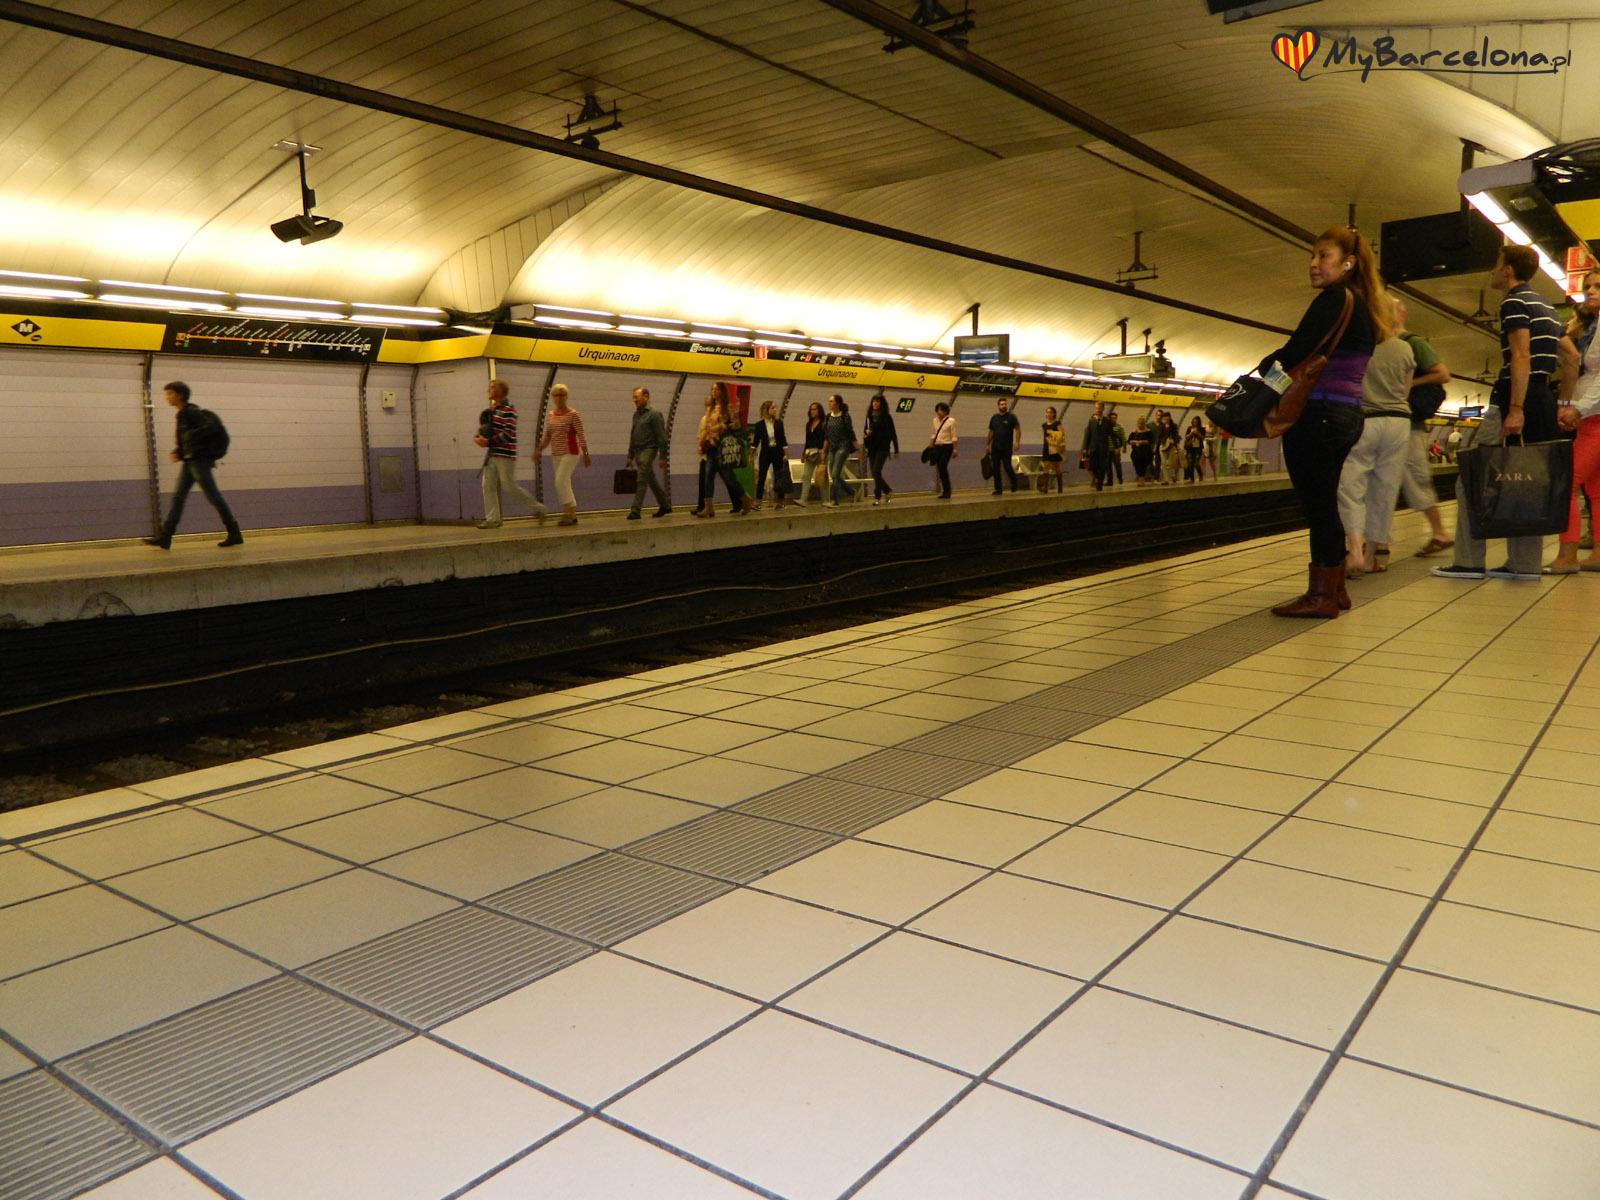 Stacja metra w Barcelonie